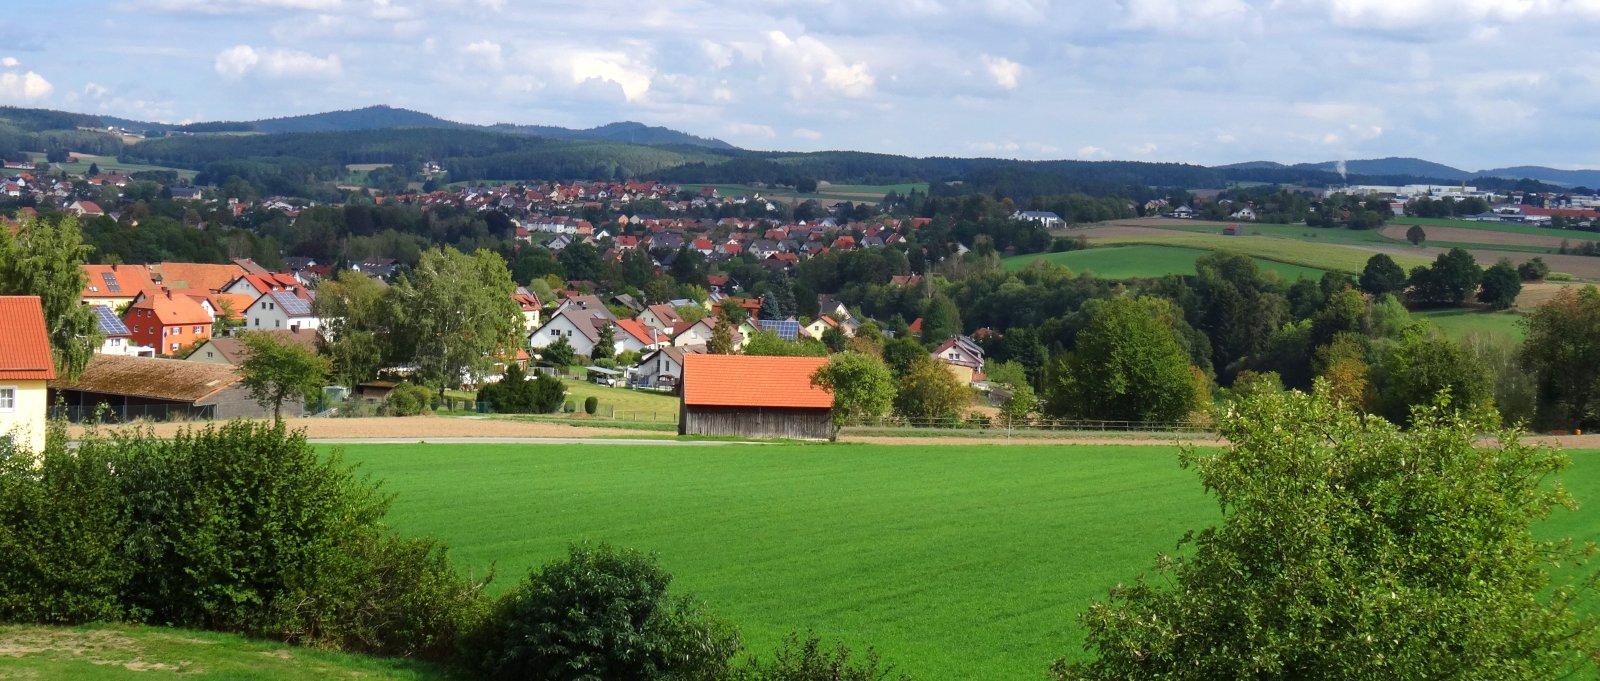 breitbilder-nissl-unterkunft-neunburg-vorm-wald-ausblick-landschaft-oberpfalz-1600